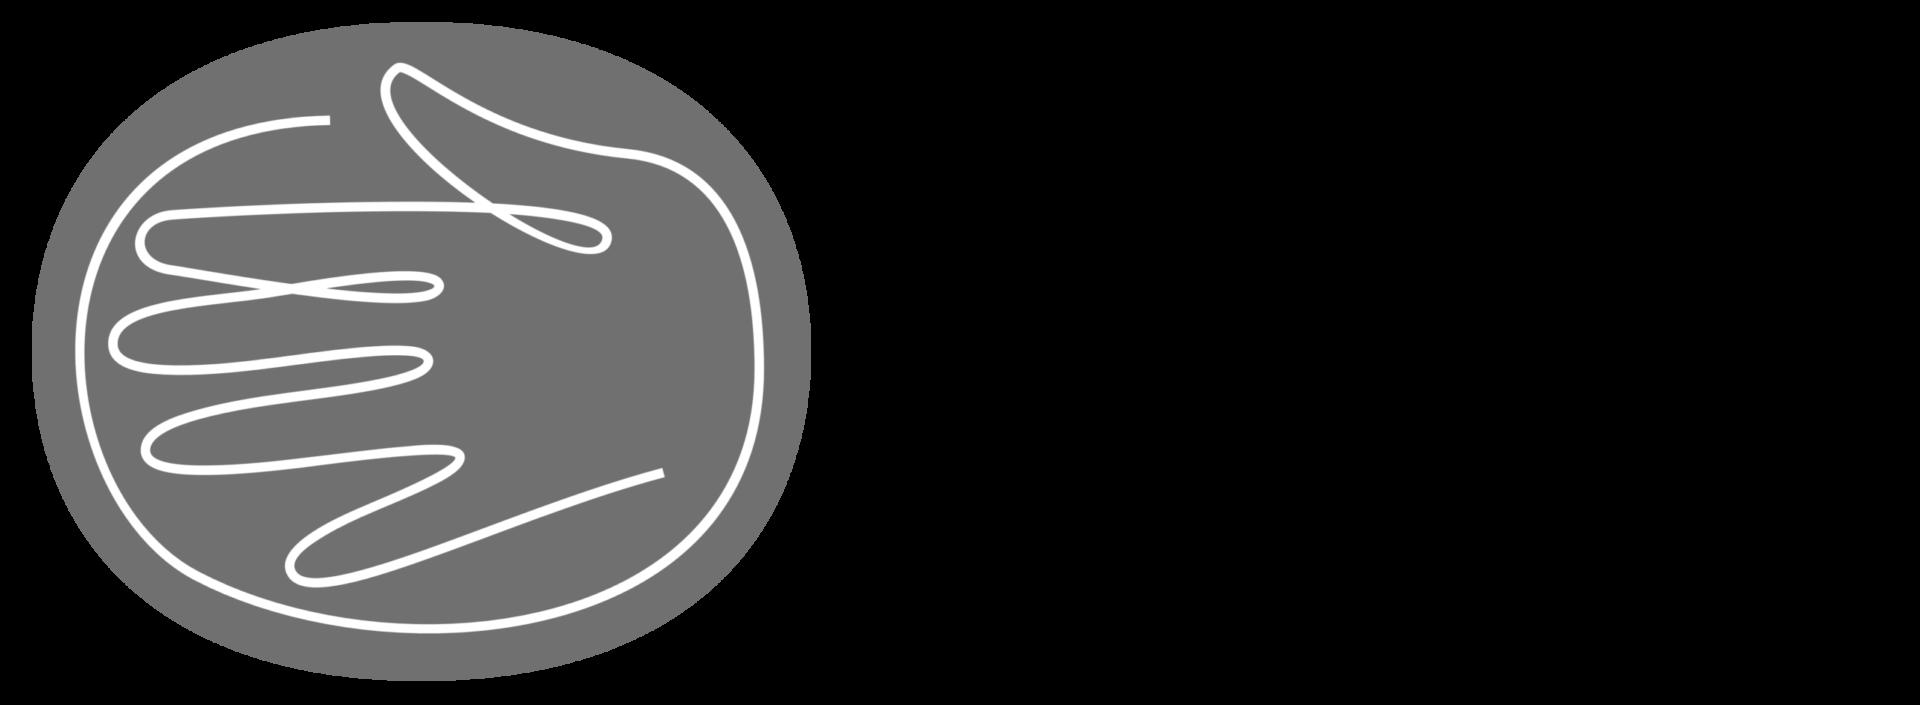 Capio svartvit